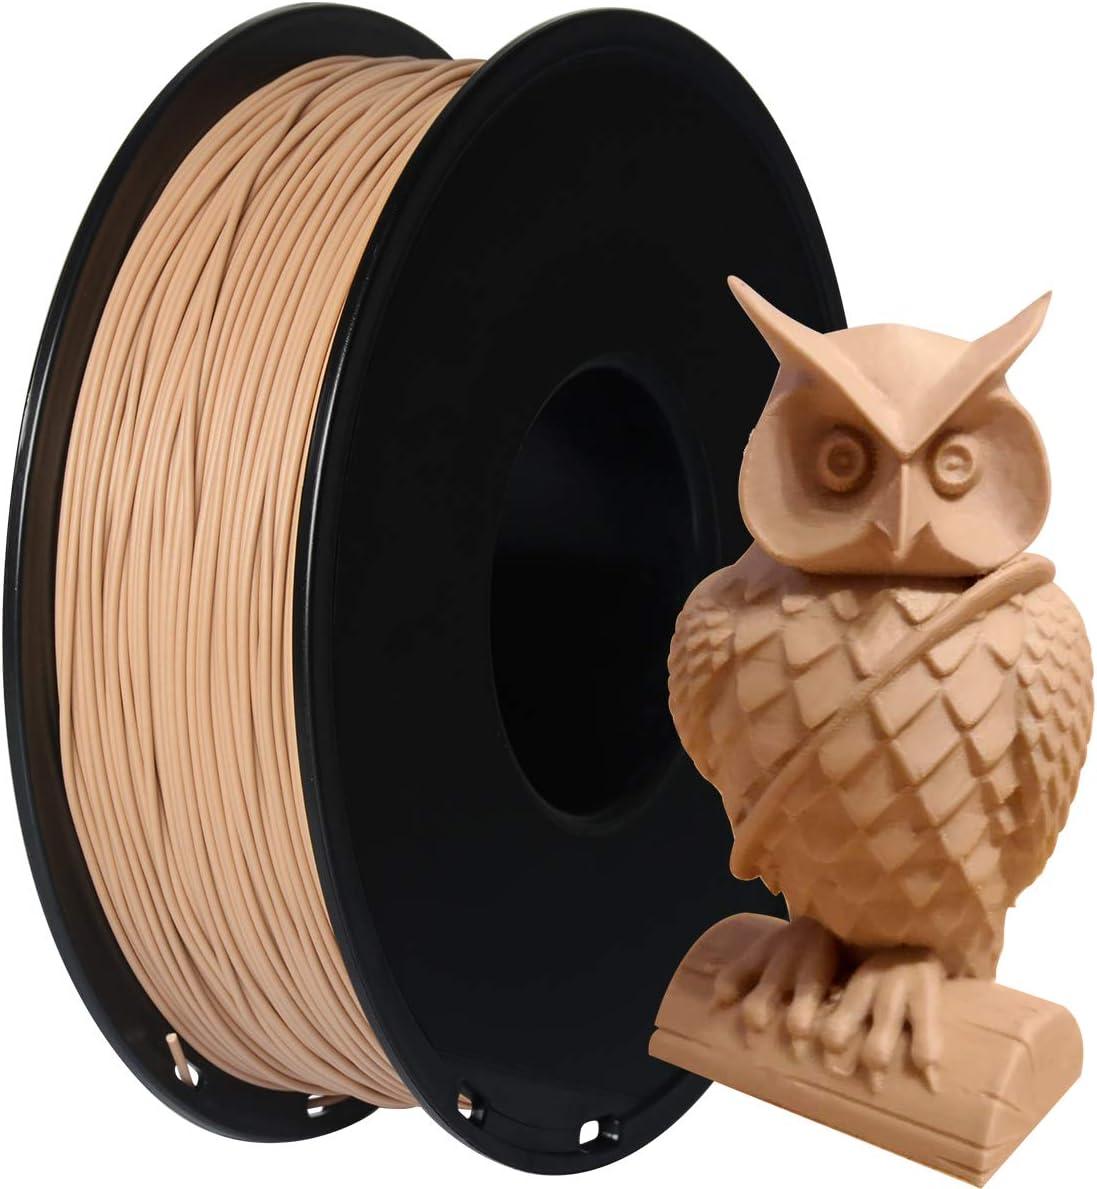 GIANTARM PLA Filamento 1,75 mm f¨¹r Impresora 3D 1 kg, Madera